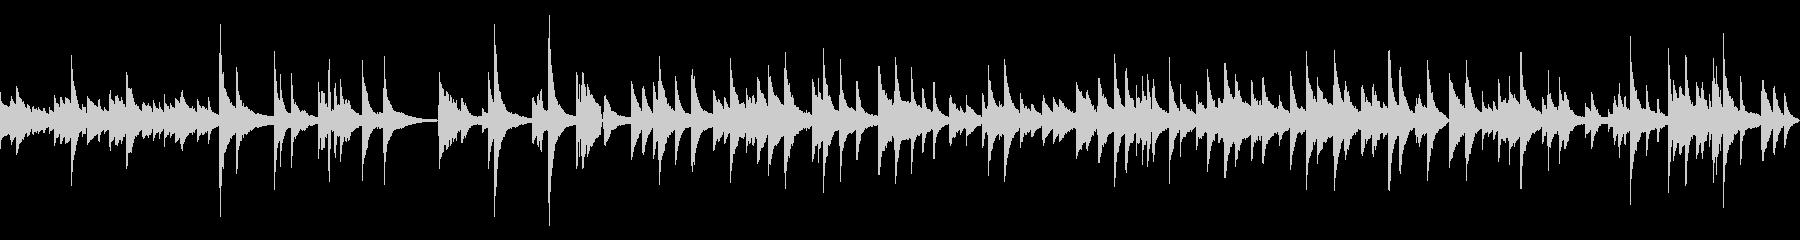 ジャズのバラード曲の未再生の波形